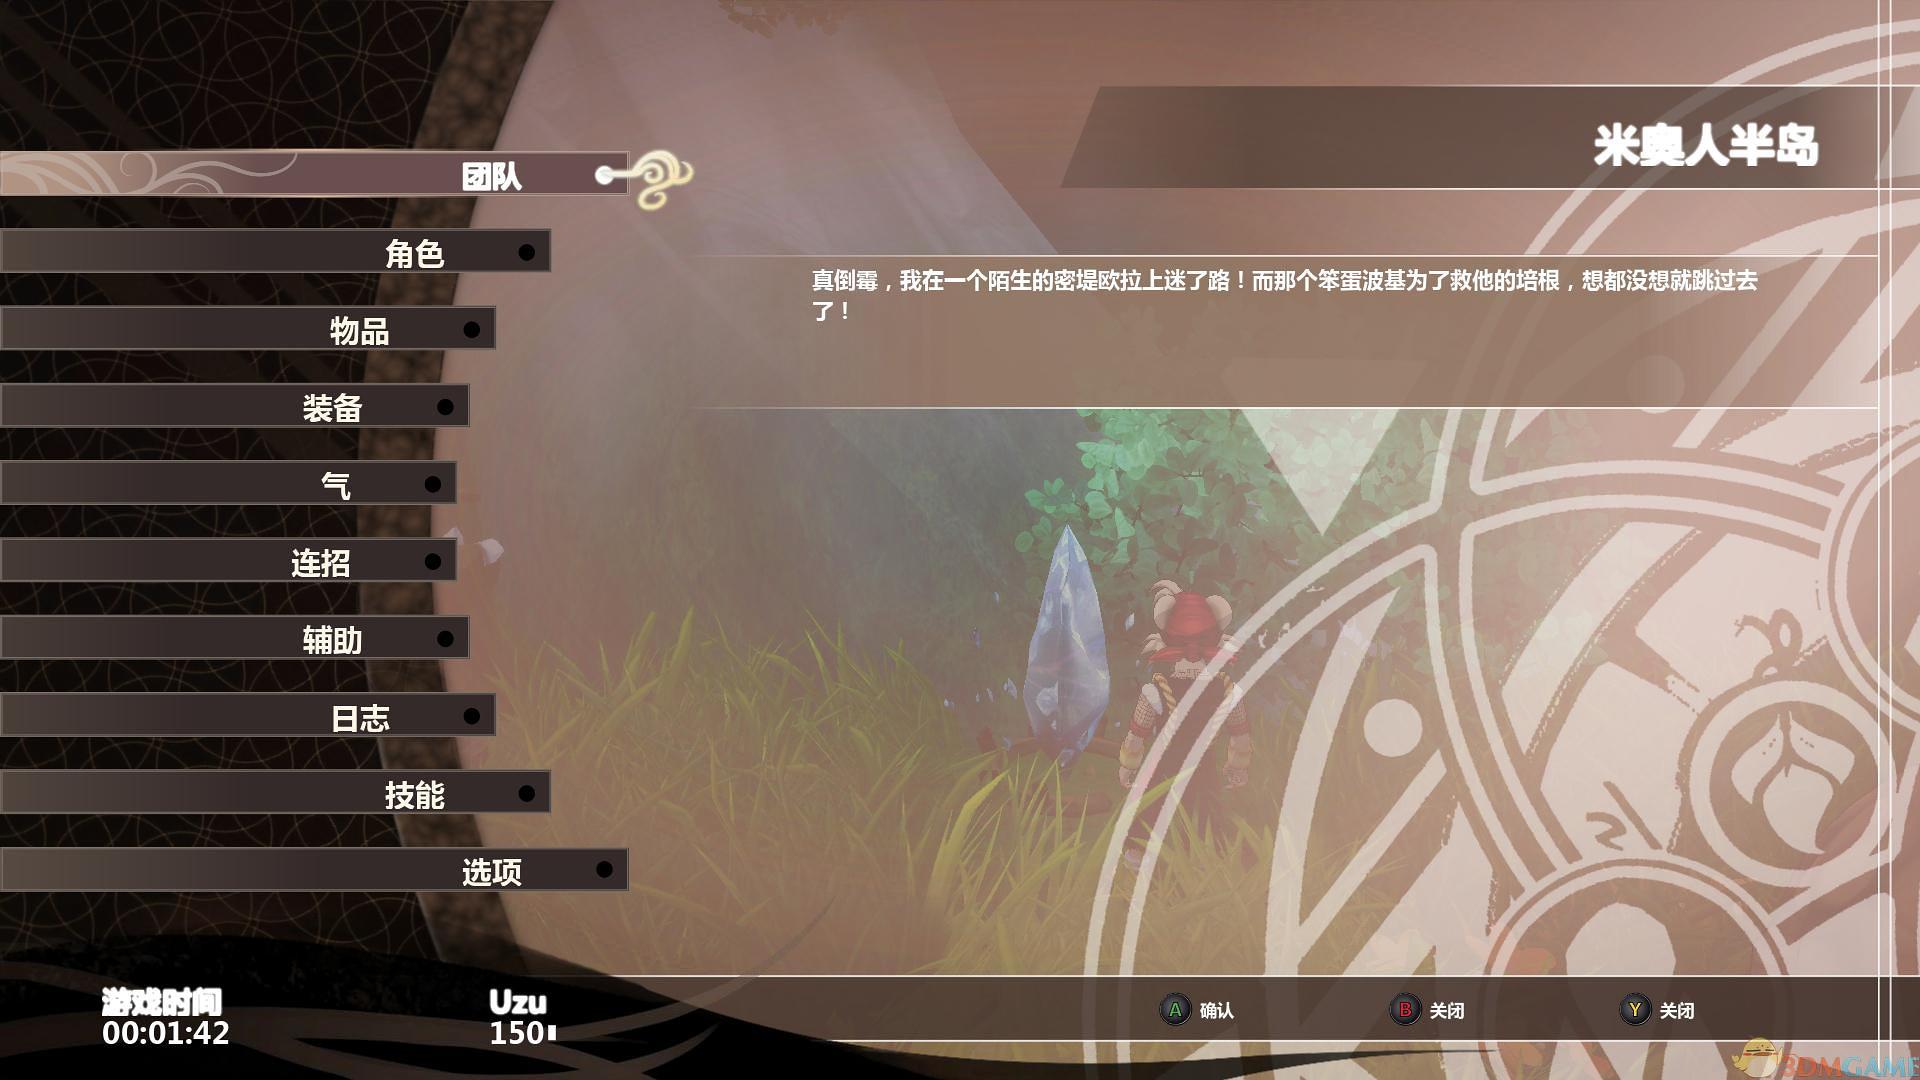 亮晶晶:闪闪王国 1号升级档+未加密补丁[3DM]